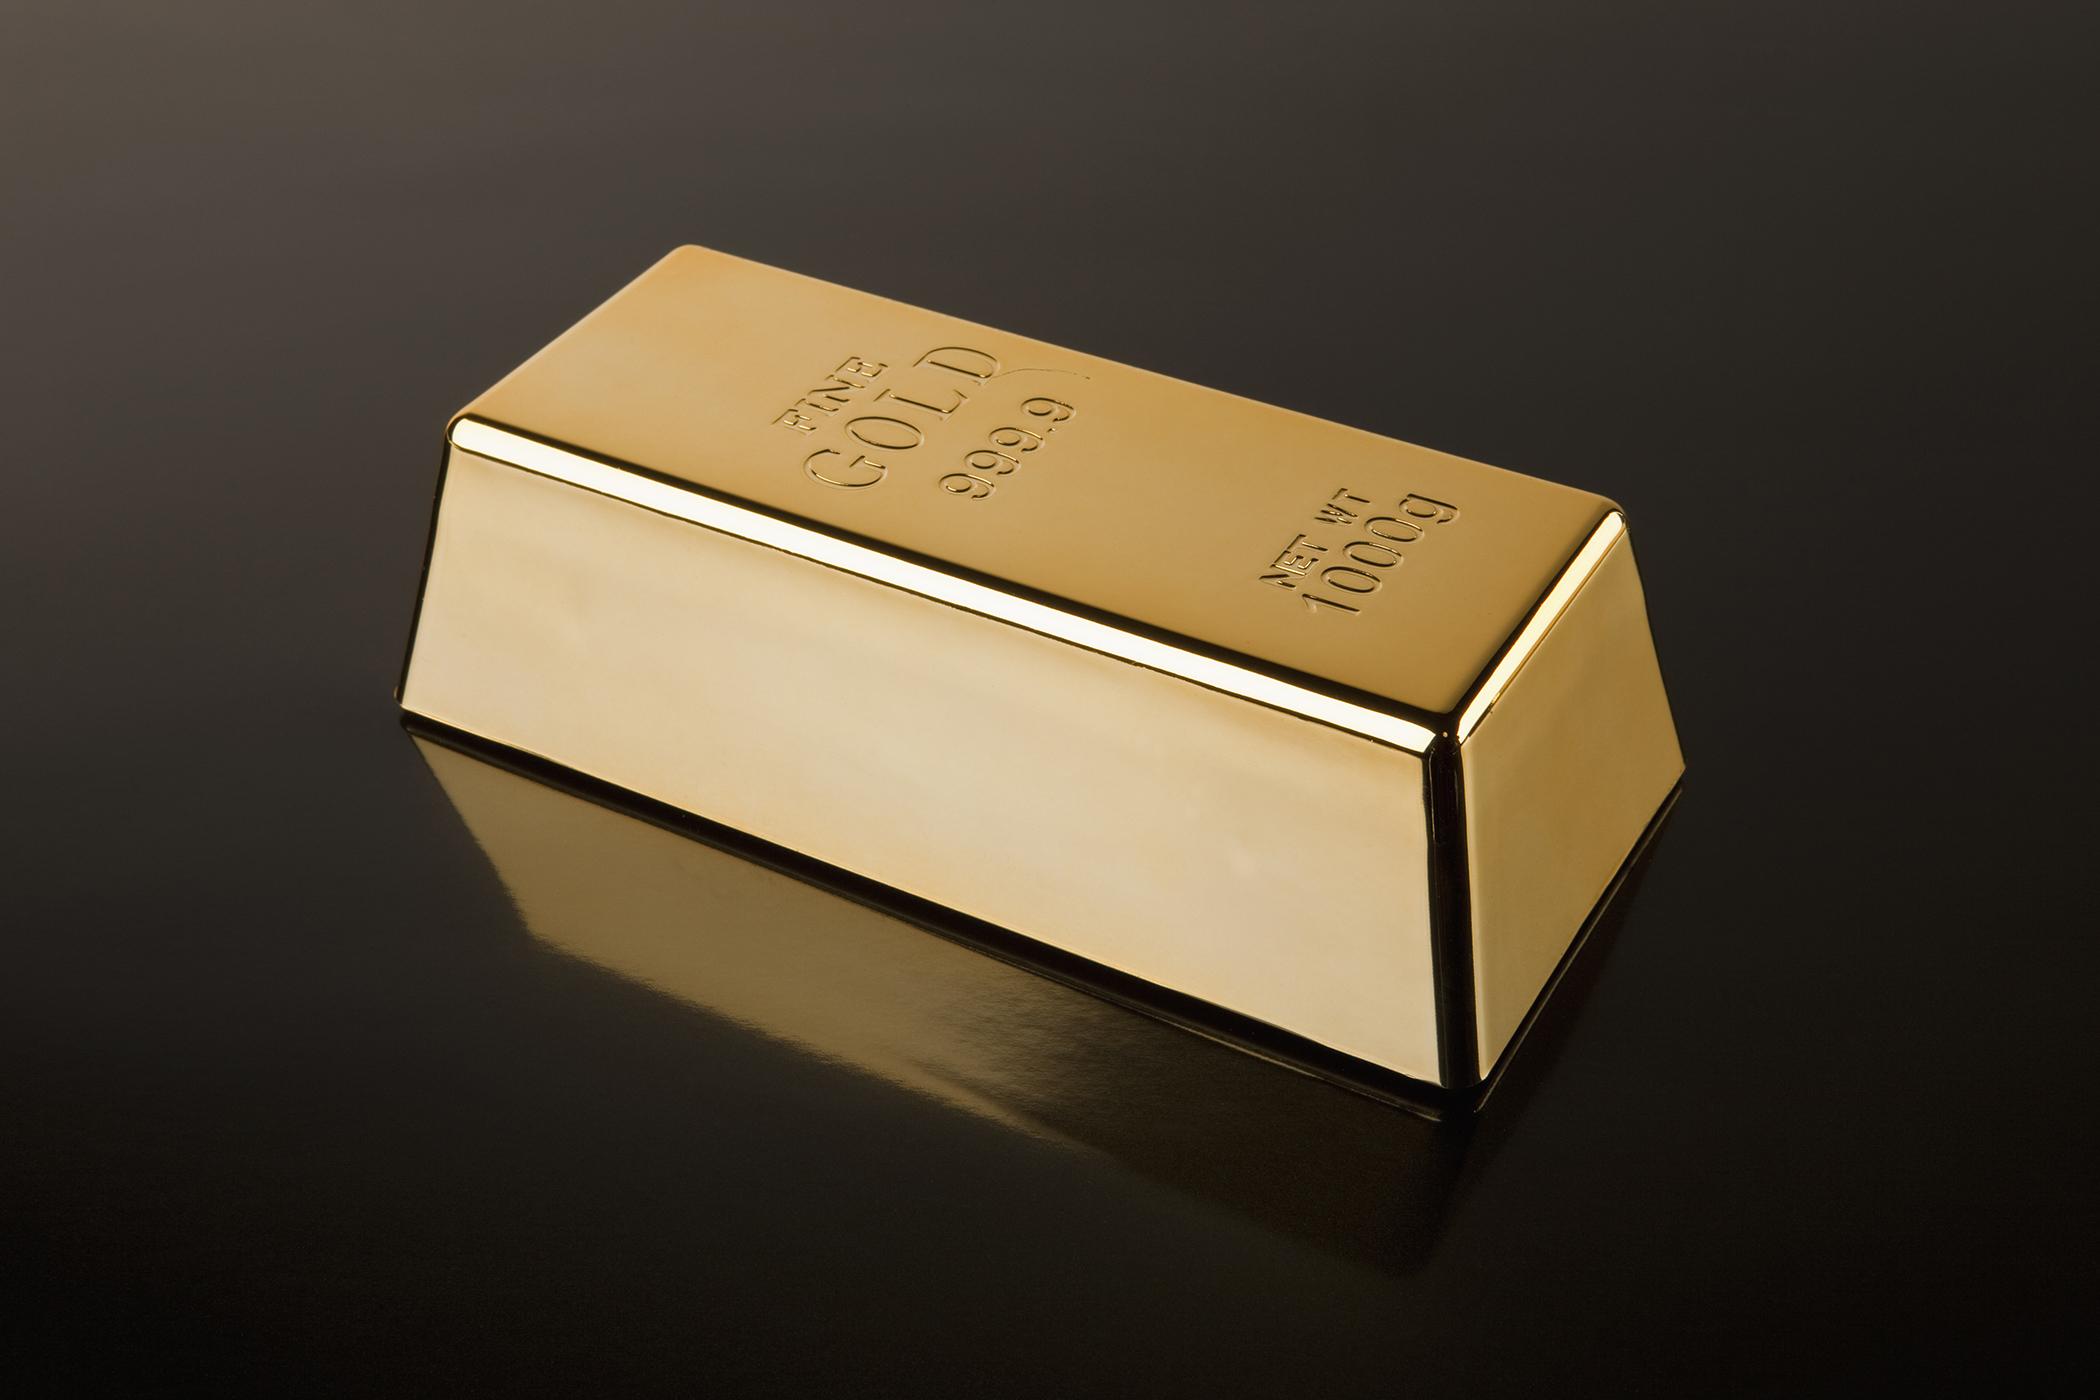 A gold bar